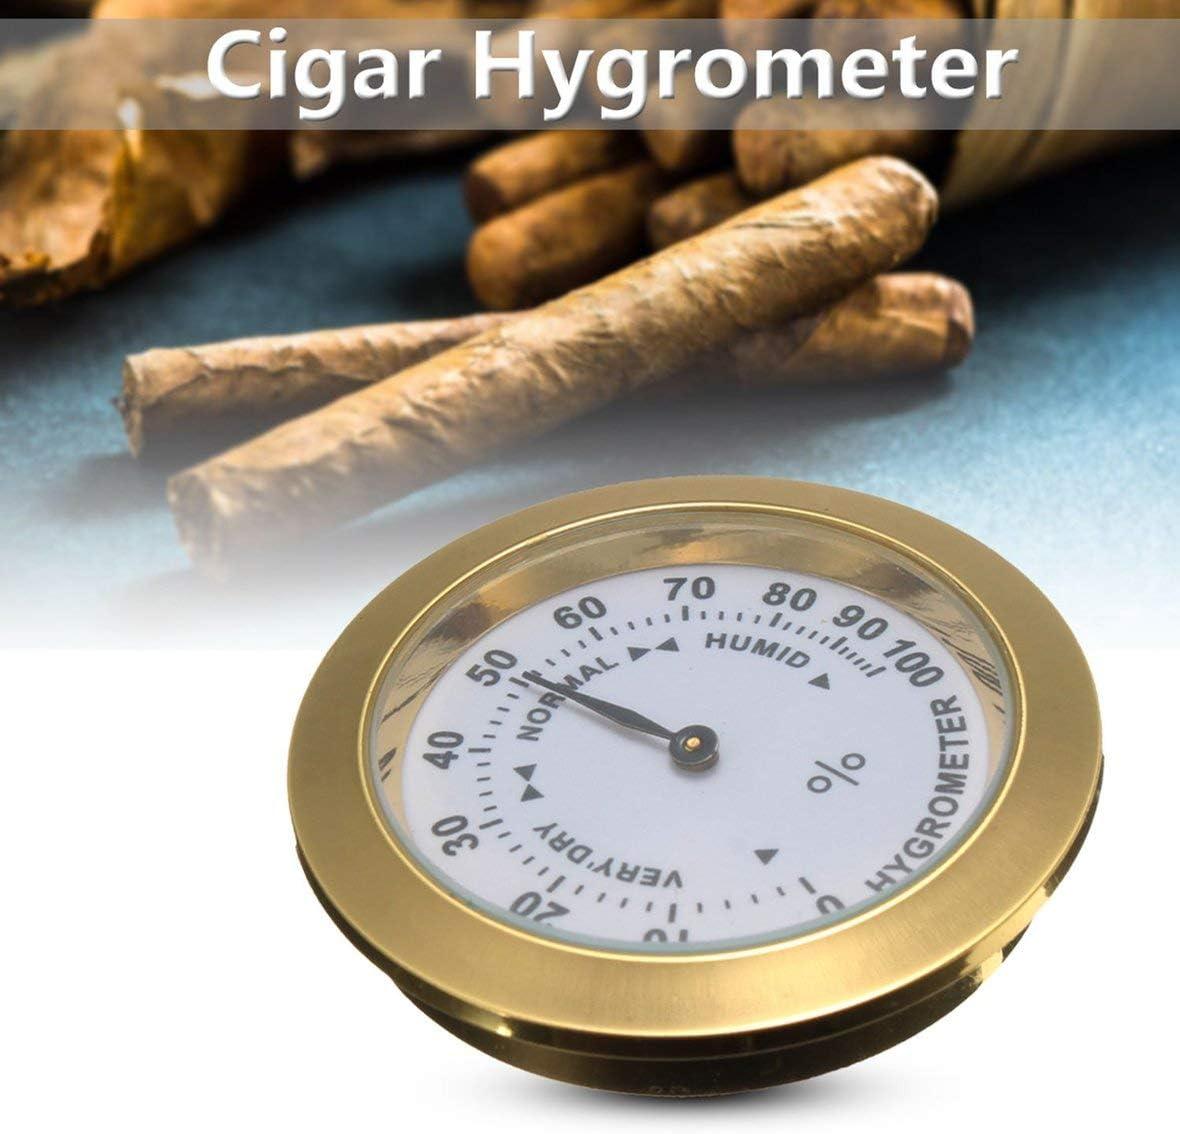 Pennytupu Hygrom/ètre analogique en laiton cigare tabac humidit/é jauge et lentille en verre pour humidificateurs fumer sensible /à lhumidit/é jauge